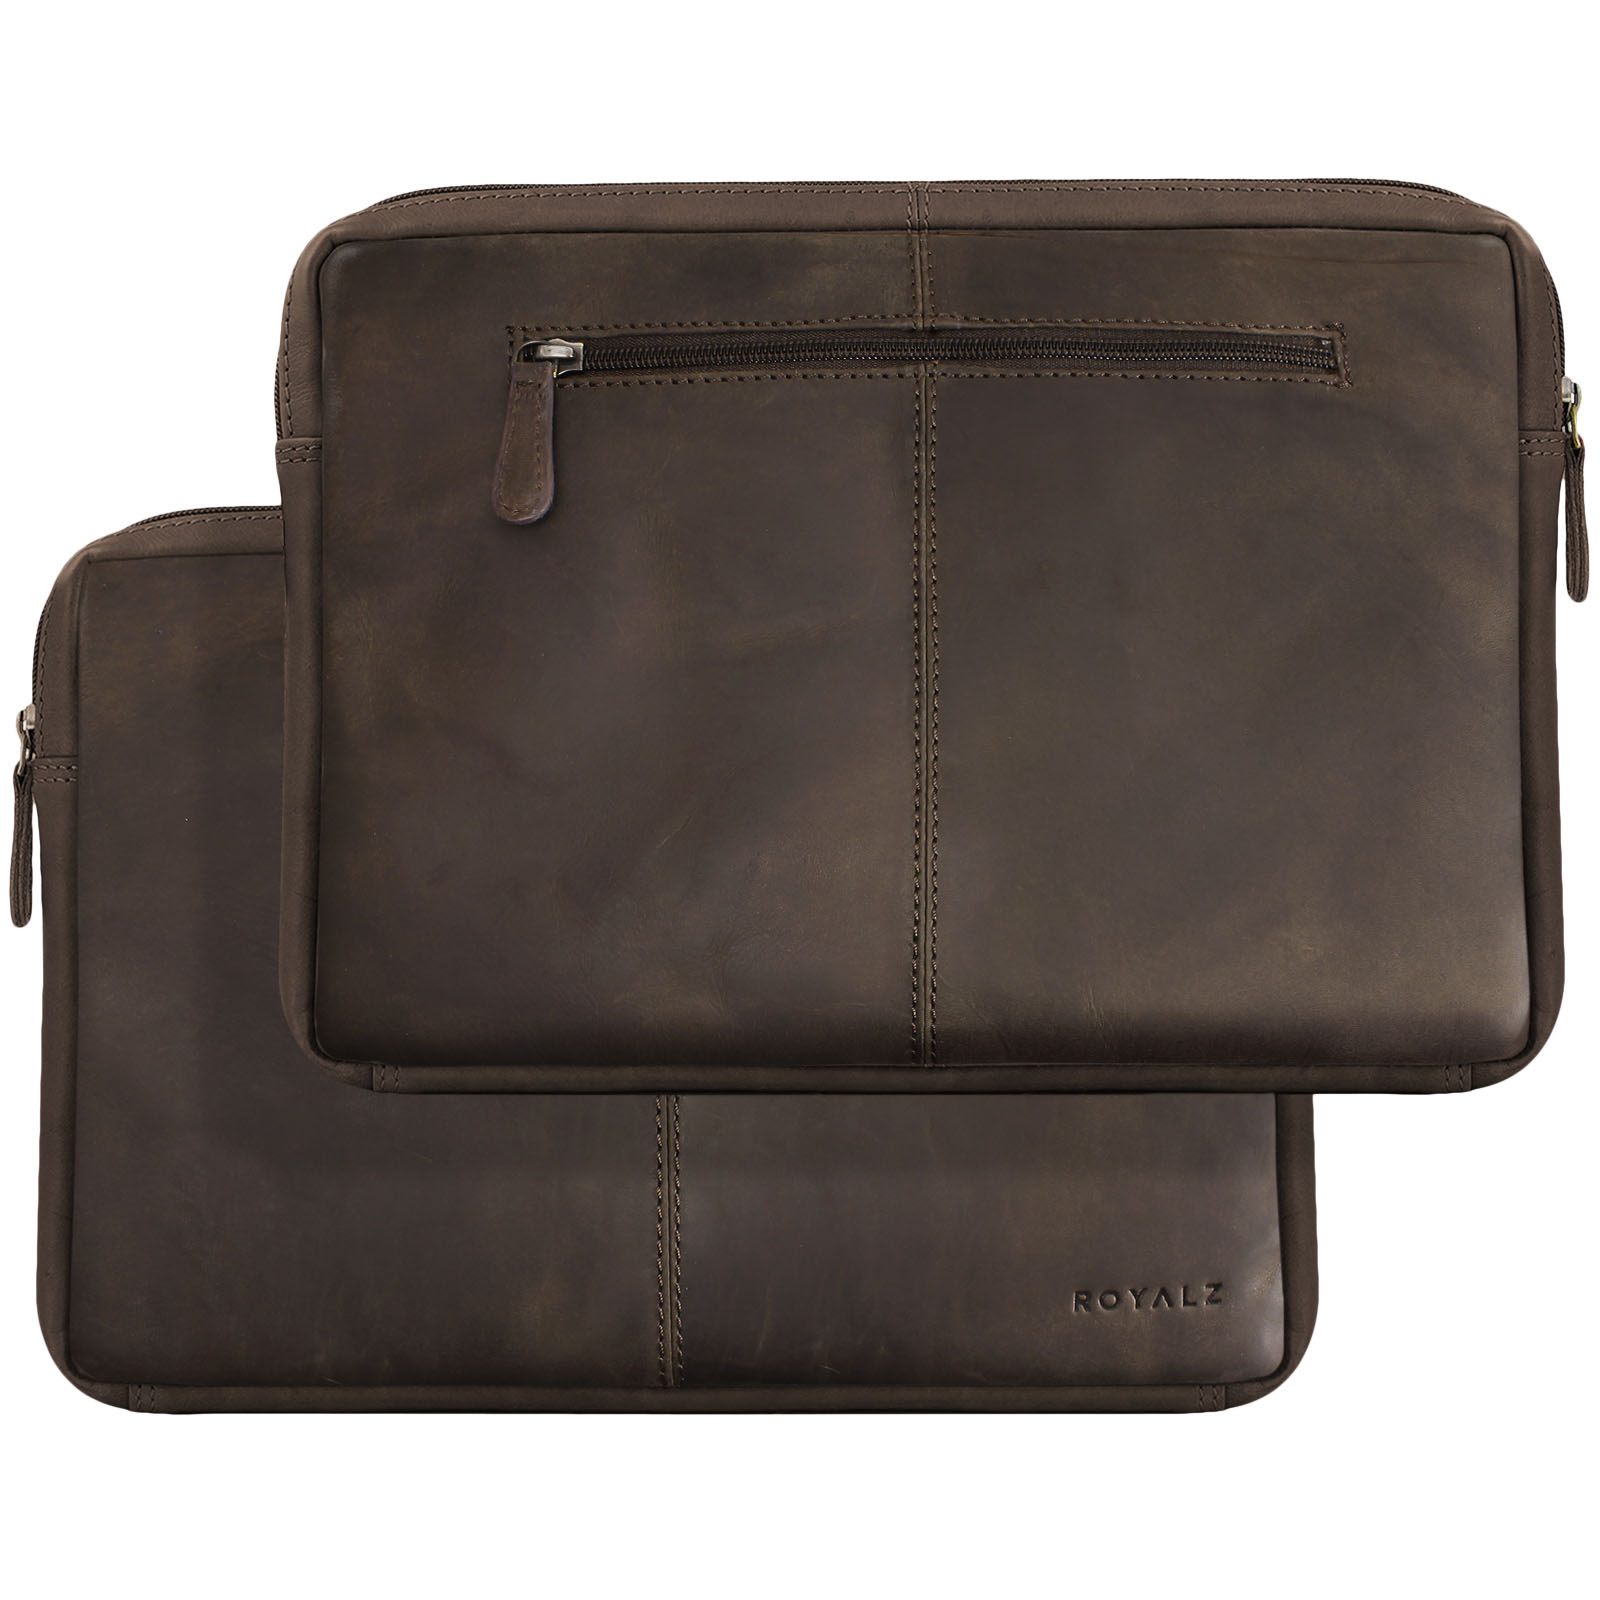 c6c5daf071dd5 ROYALZ Universal Ledertasche 10.8 - 12.3 Zoll Tasche für Tablet-PC 2in1  Convertible Ultrabook Lederhülle Schutztasche Schutzhülle ...